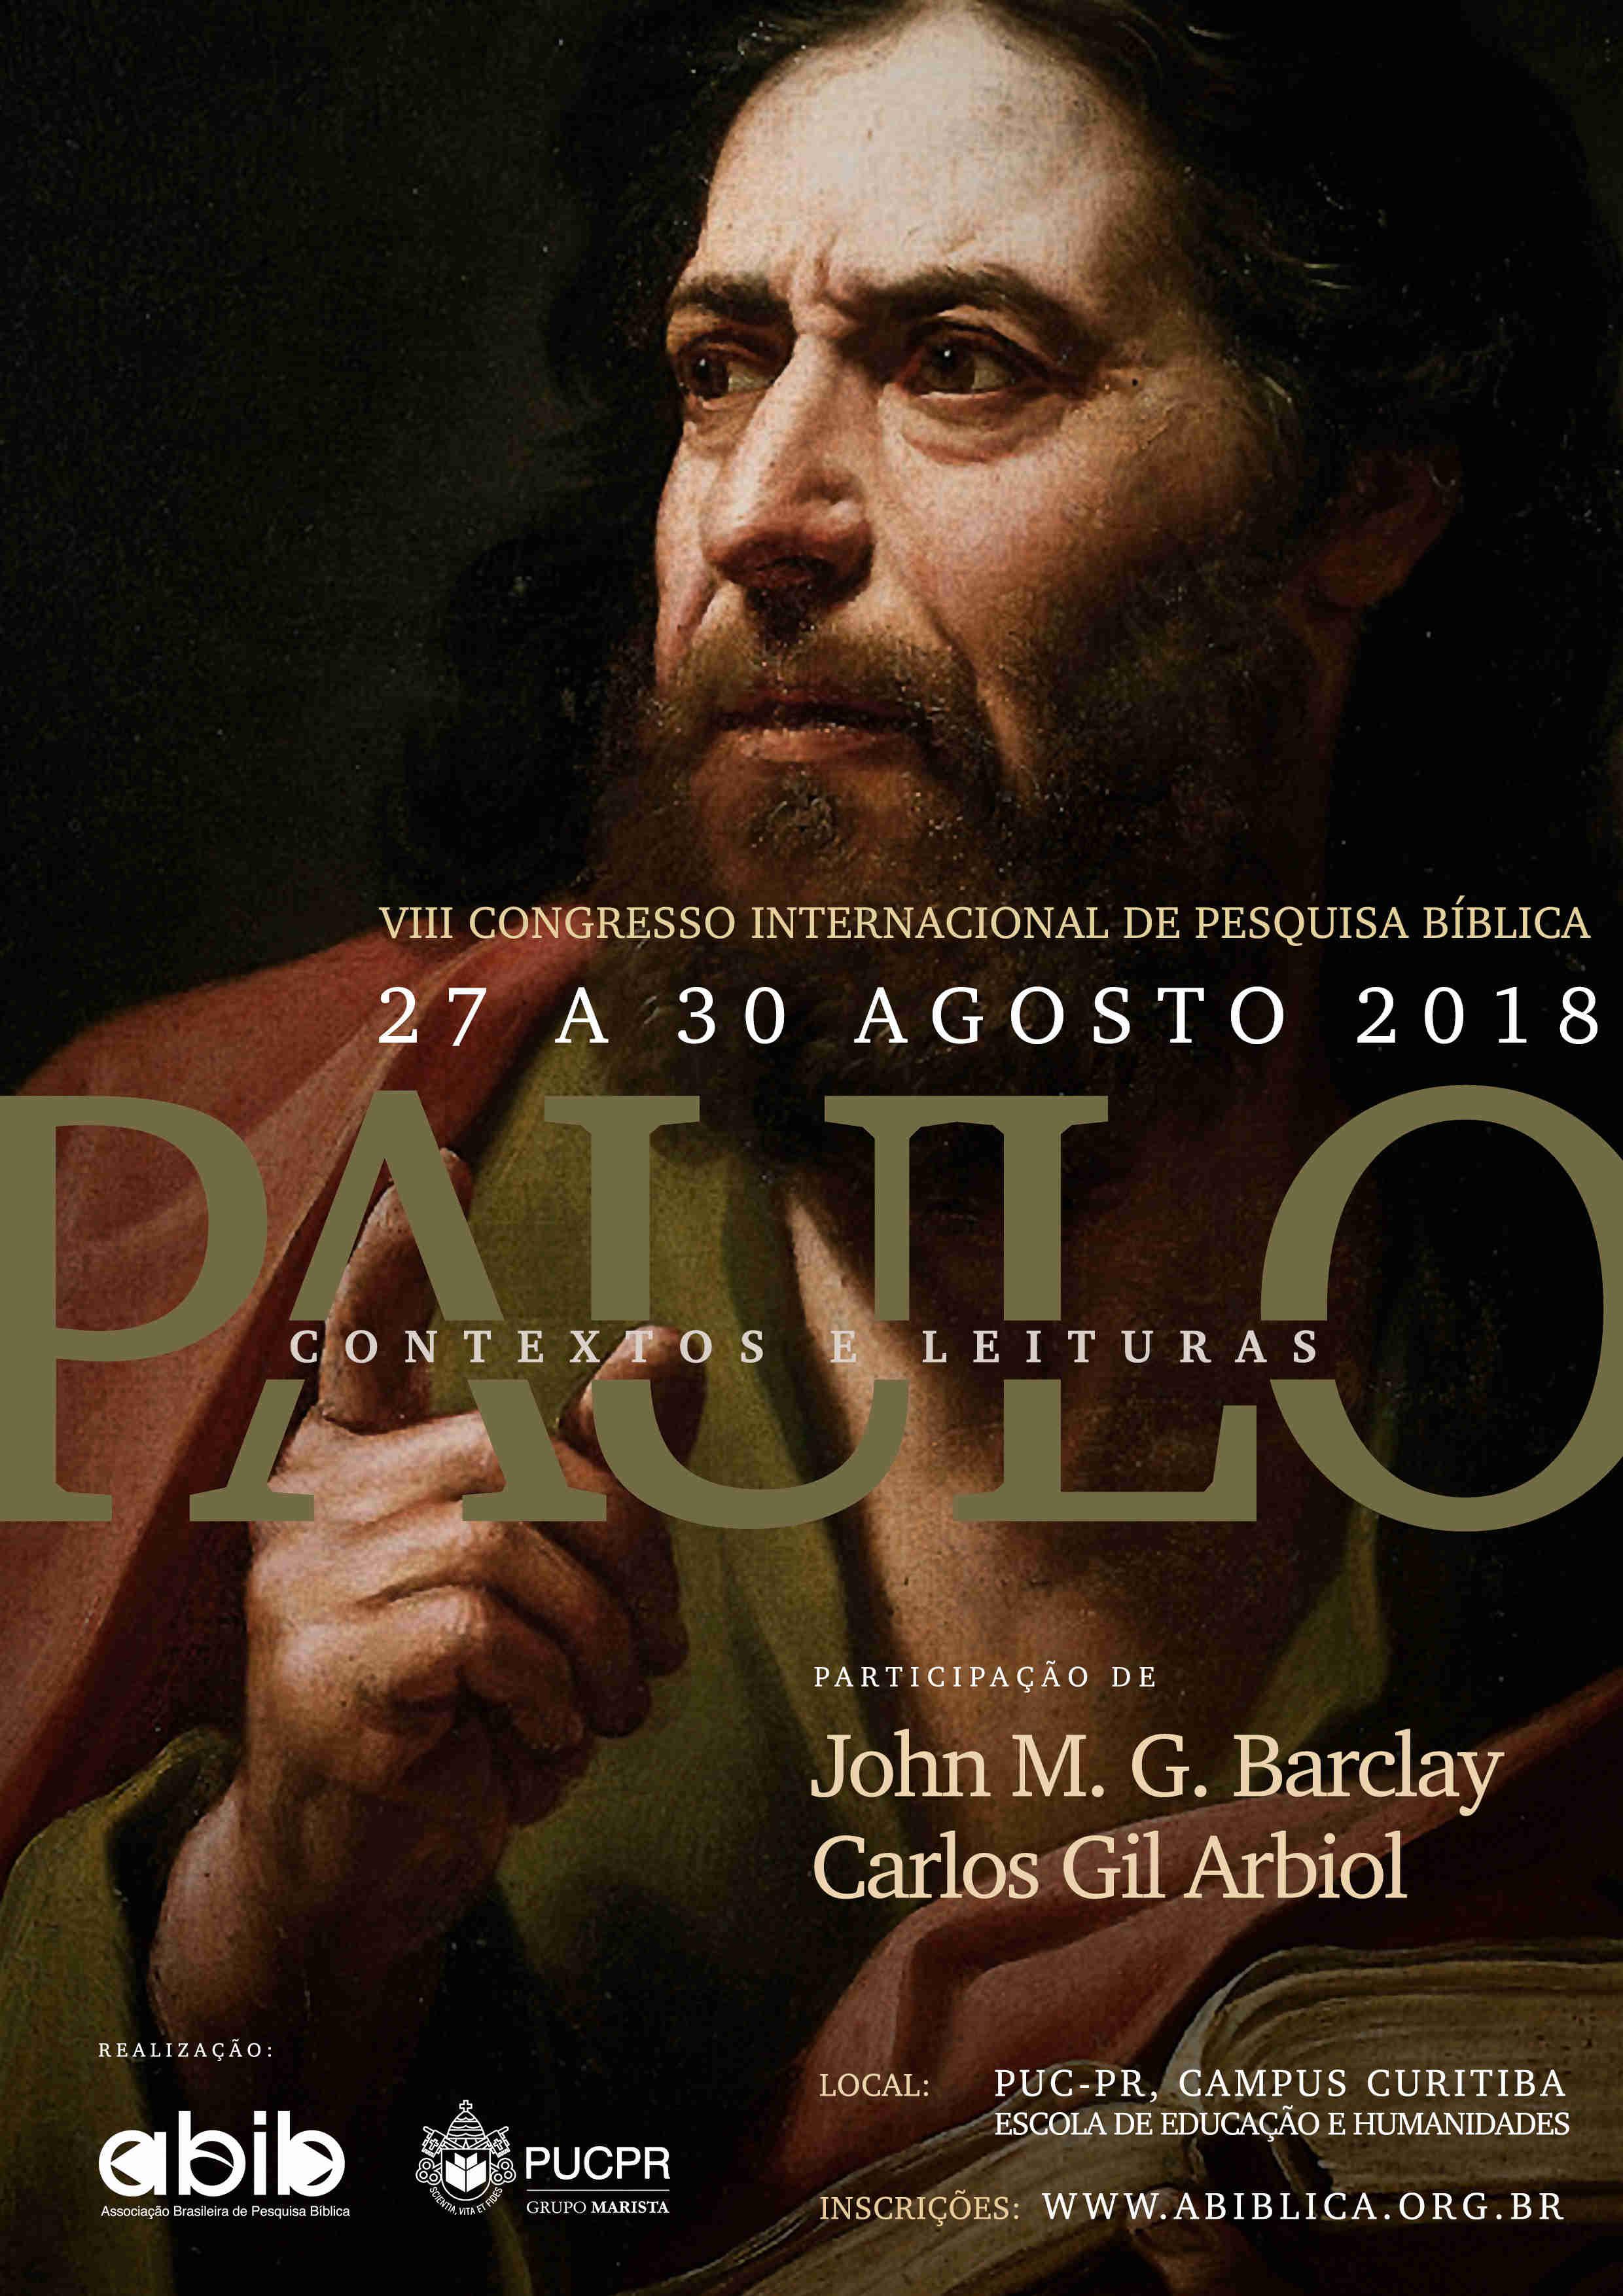 Paulo: contextos e leituras - VIII Congresso da ABIB em 2018